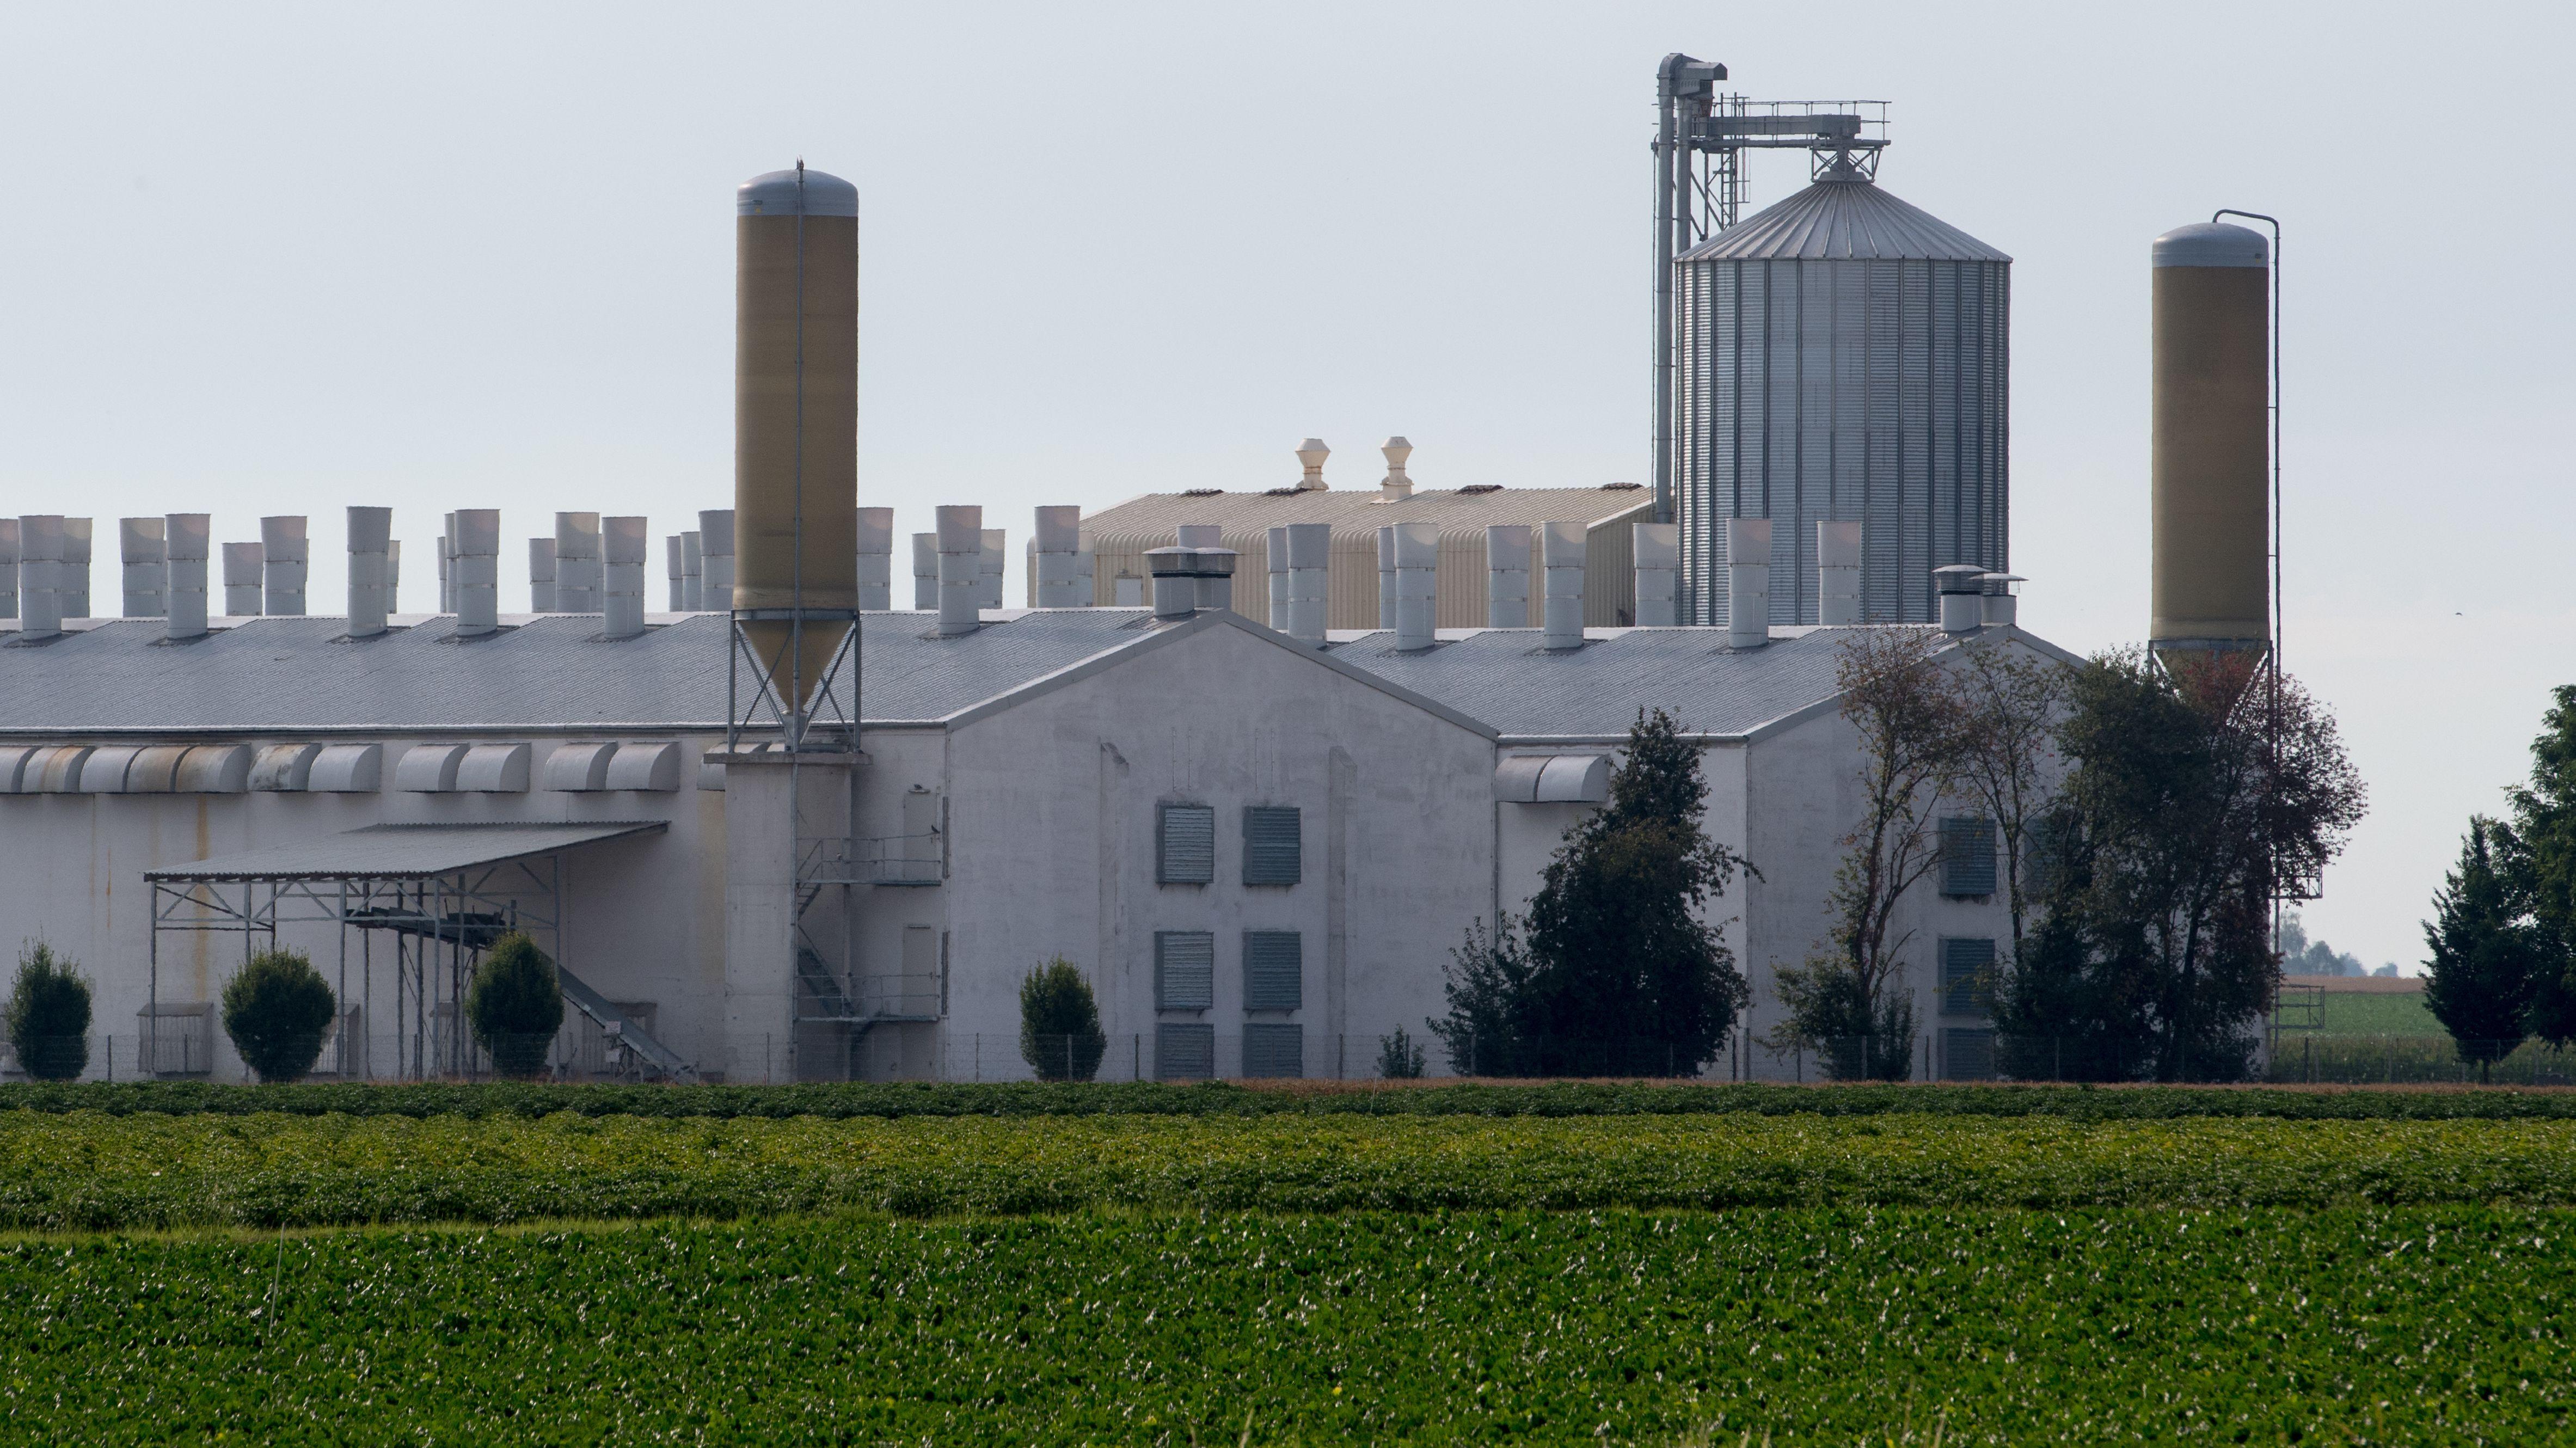 Ein ehemaliger Bayern-Ei-Betrieb in Aiterhofen. Das Unternehmen besaß in Niederbayern insgesamt vier Legebetriebe mit rund einer Million Hennen.